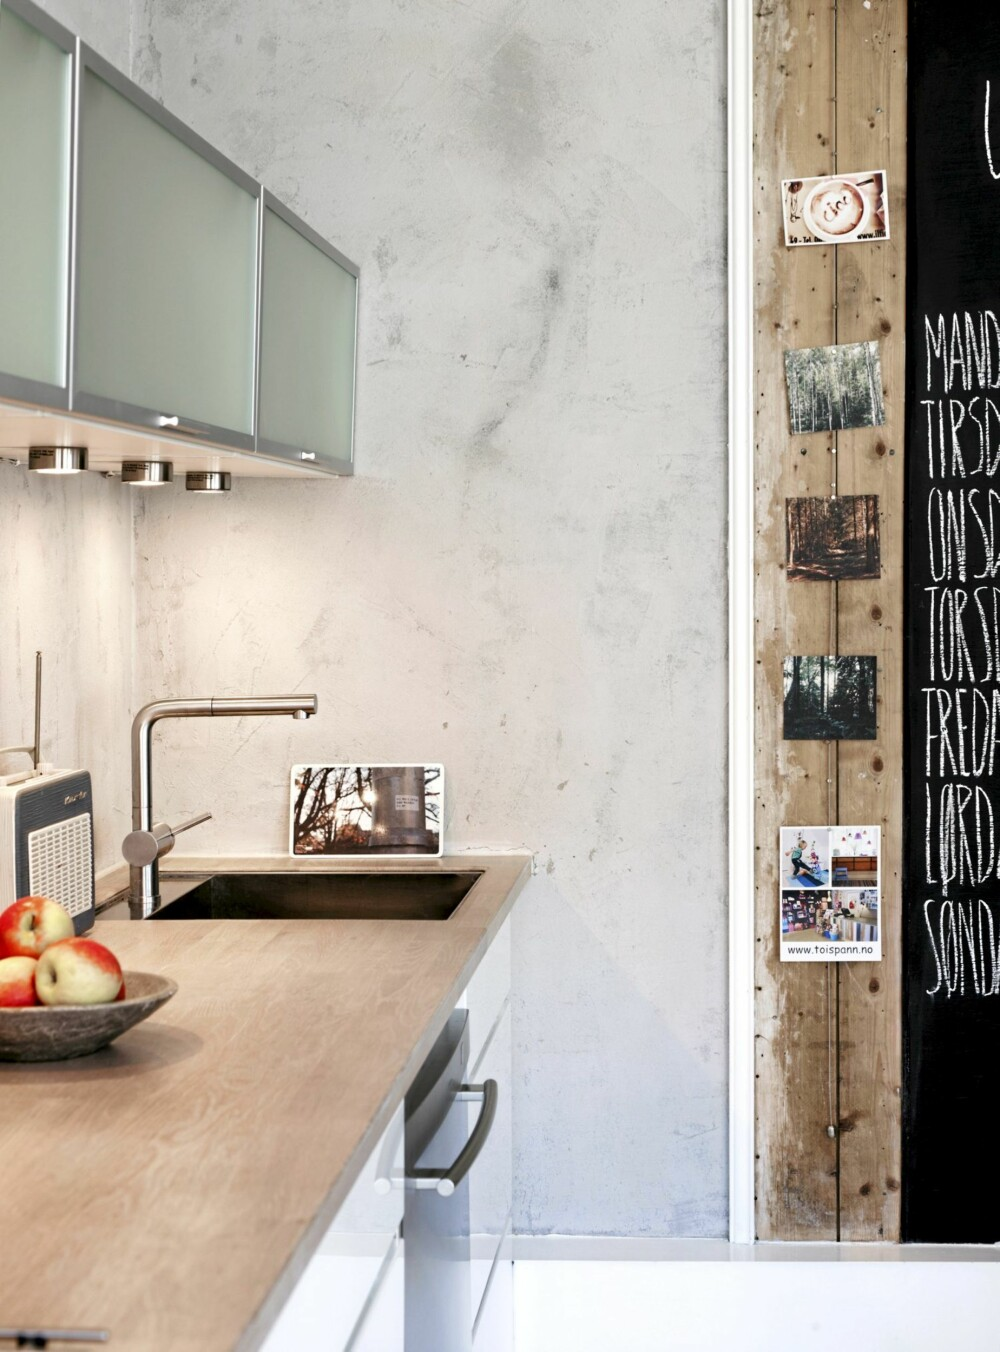 PUSSET HJØRNE: Benkeplaten strekker seg fra vegg til vegg. Den pussede veggen fortsetter helt til den hvitmalte listen som markerer overgangen til rupanelet.